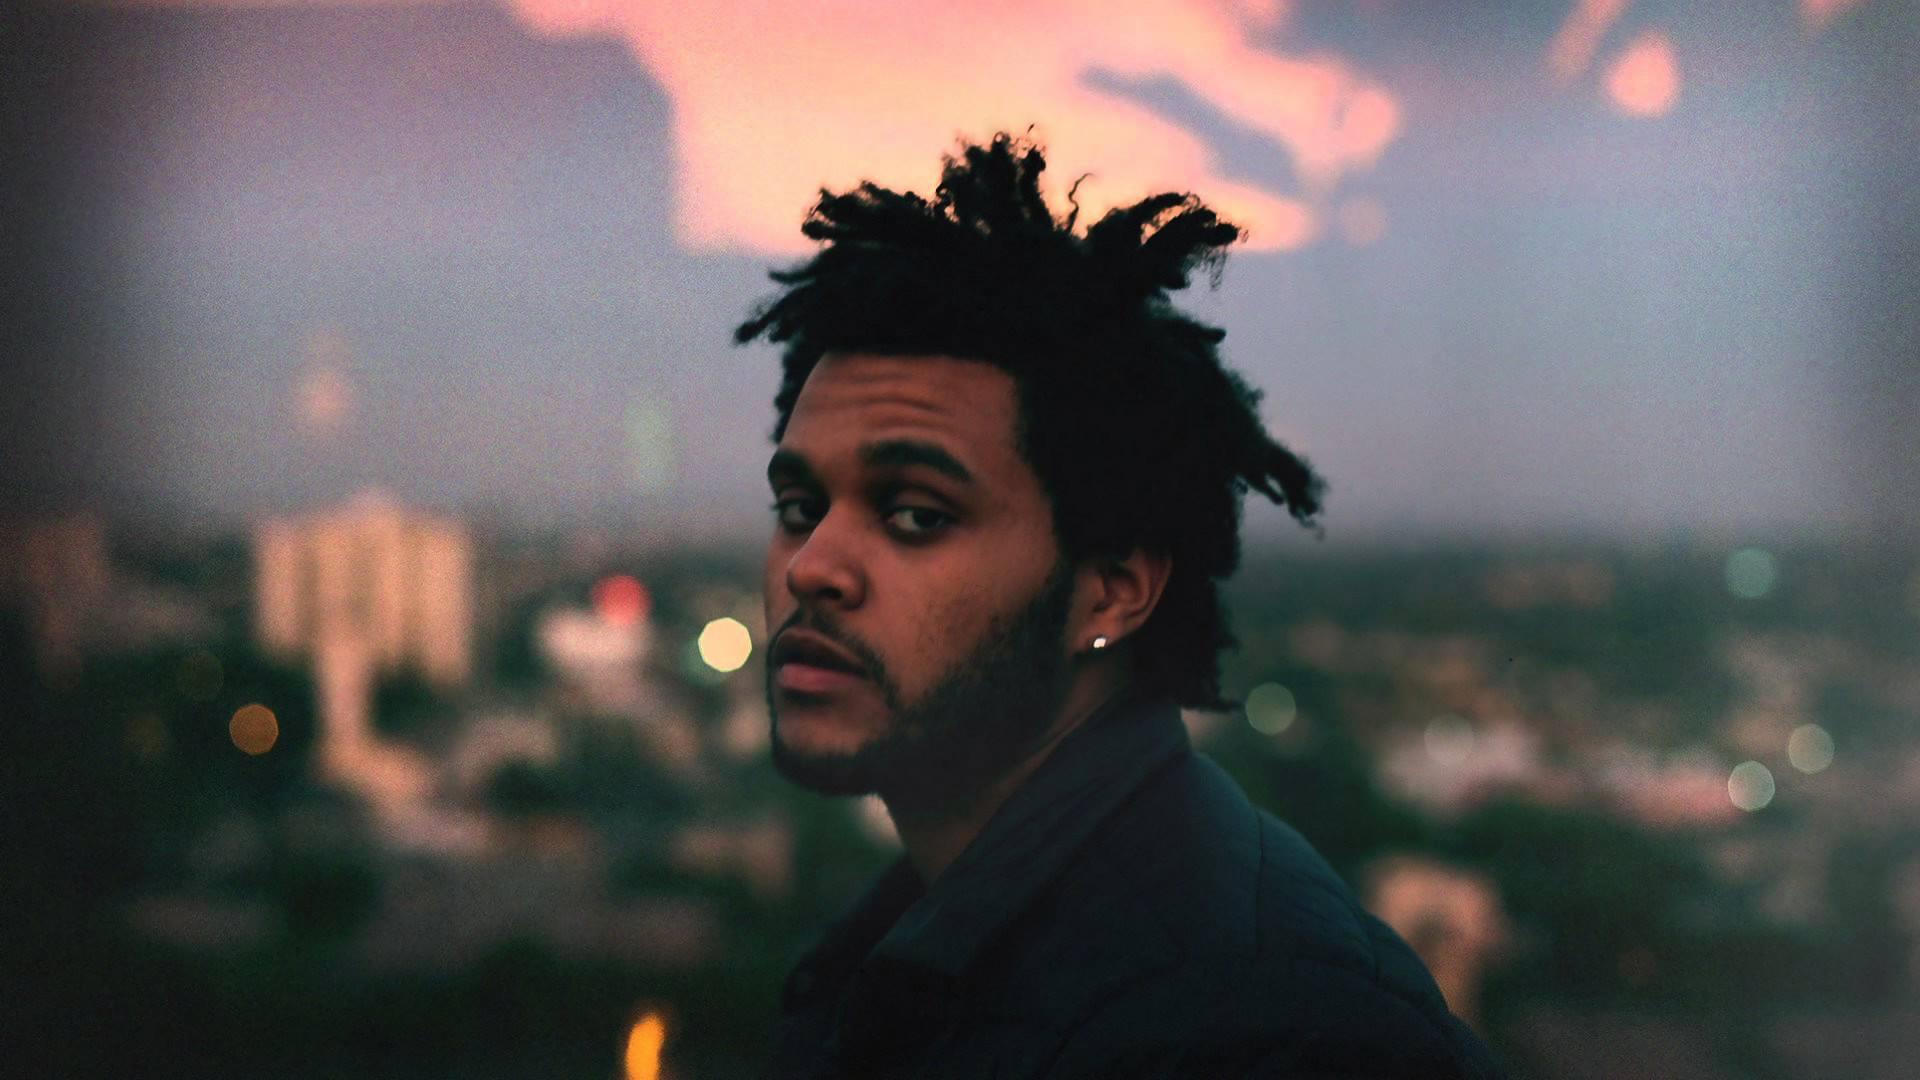 The Weeknd backdrop wallpaper